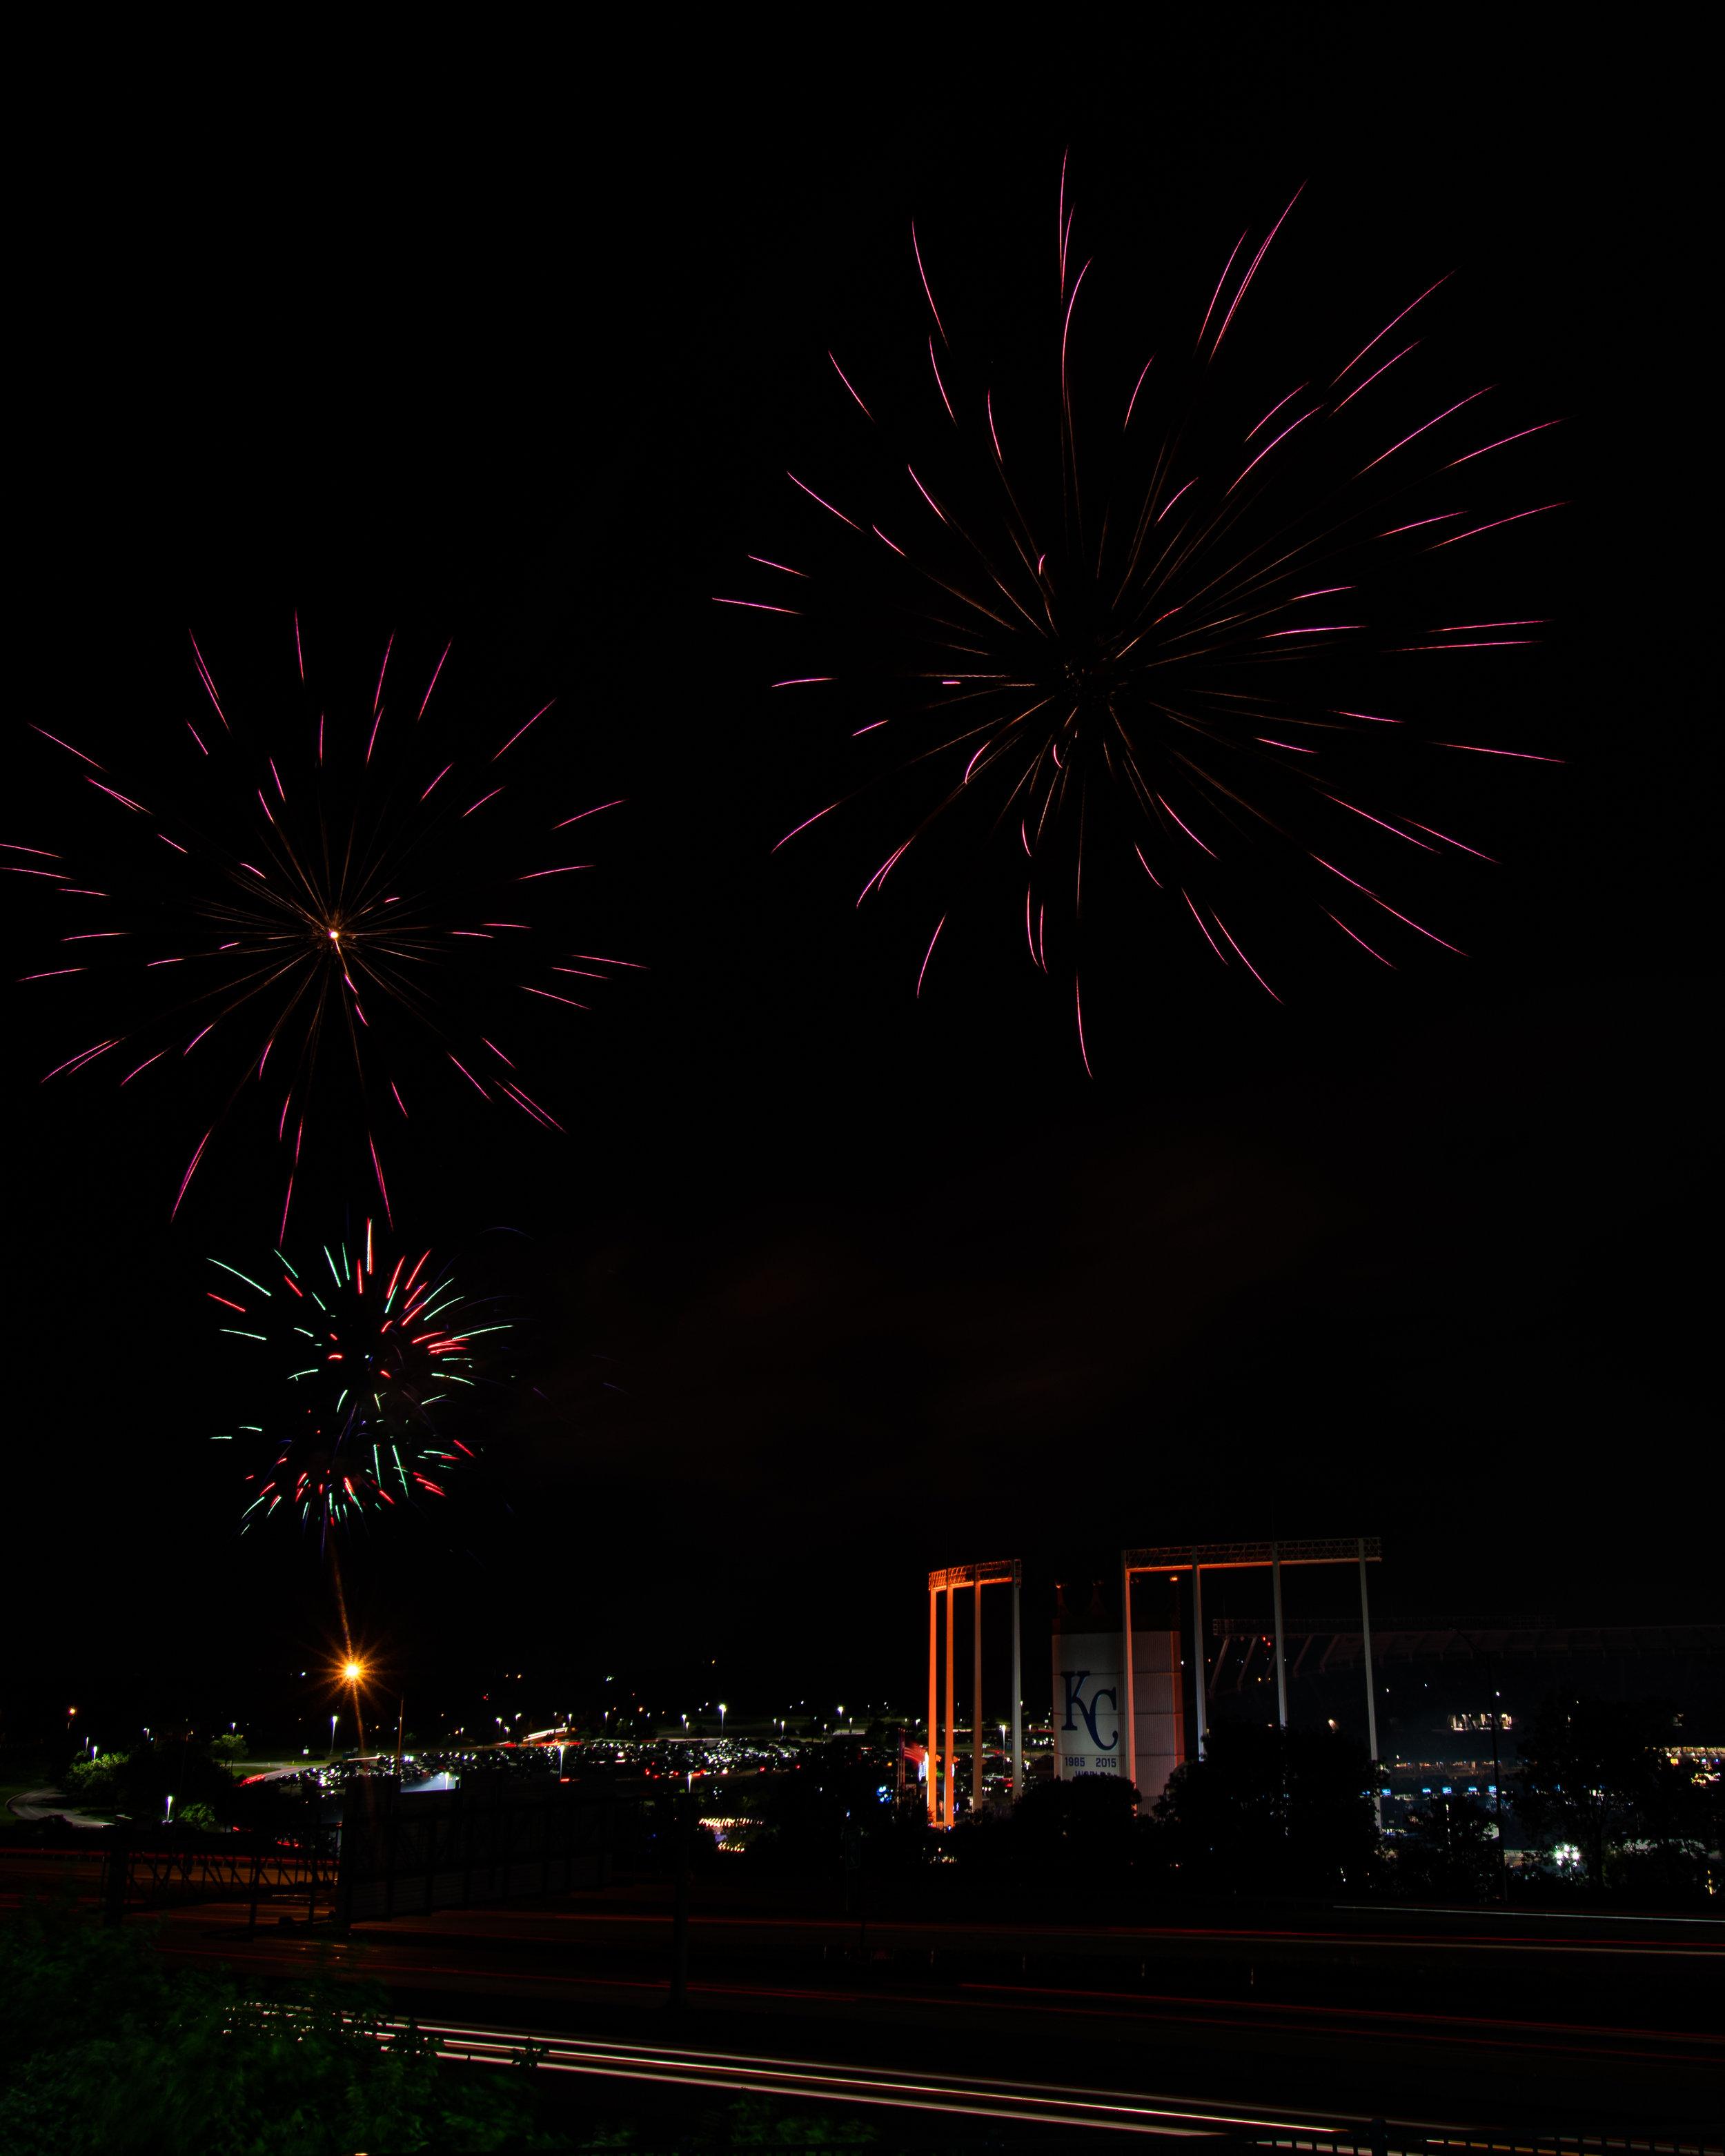 firework-friday-23-of-51_48108275066_o.jpg